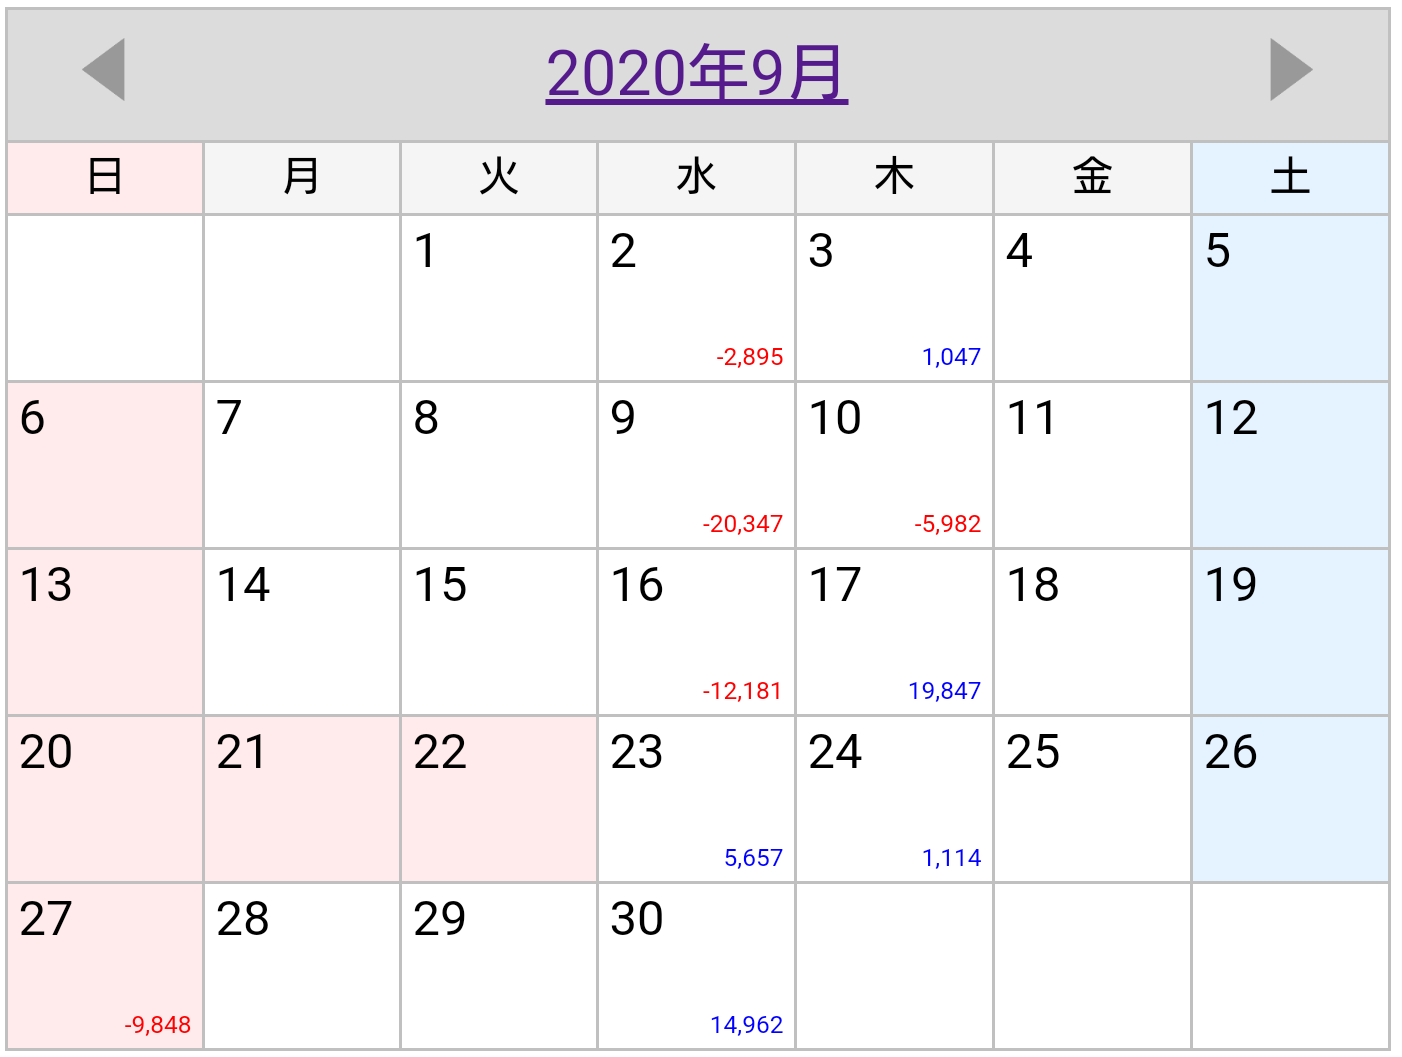 2020年9月日別収支カレンダー